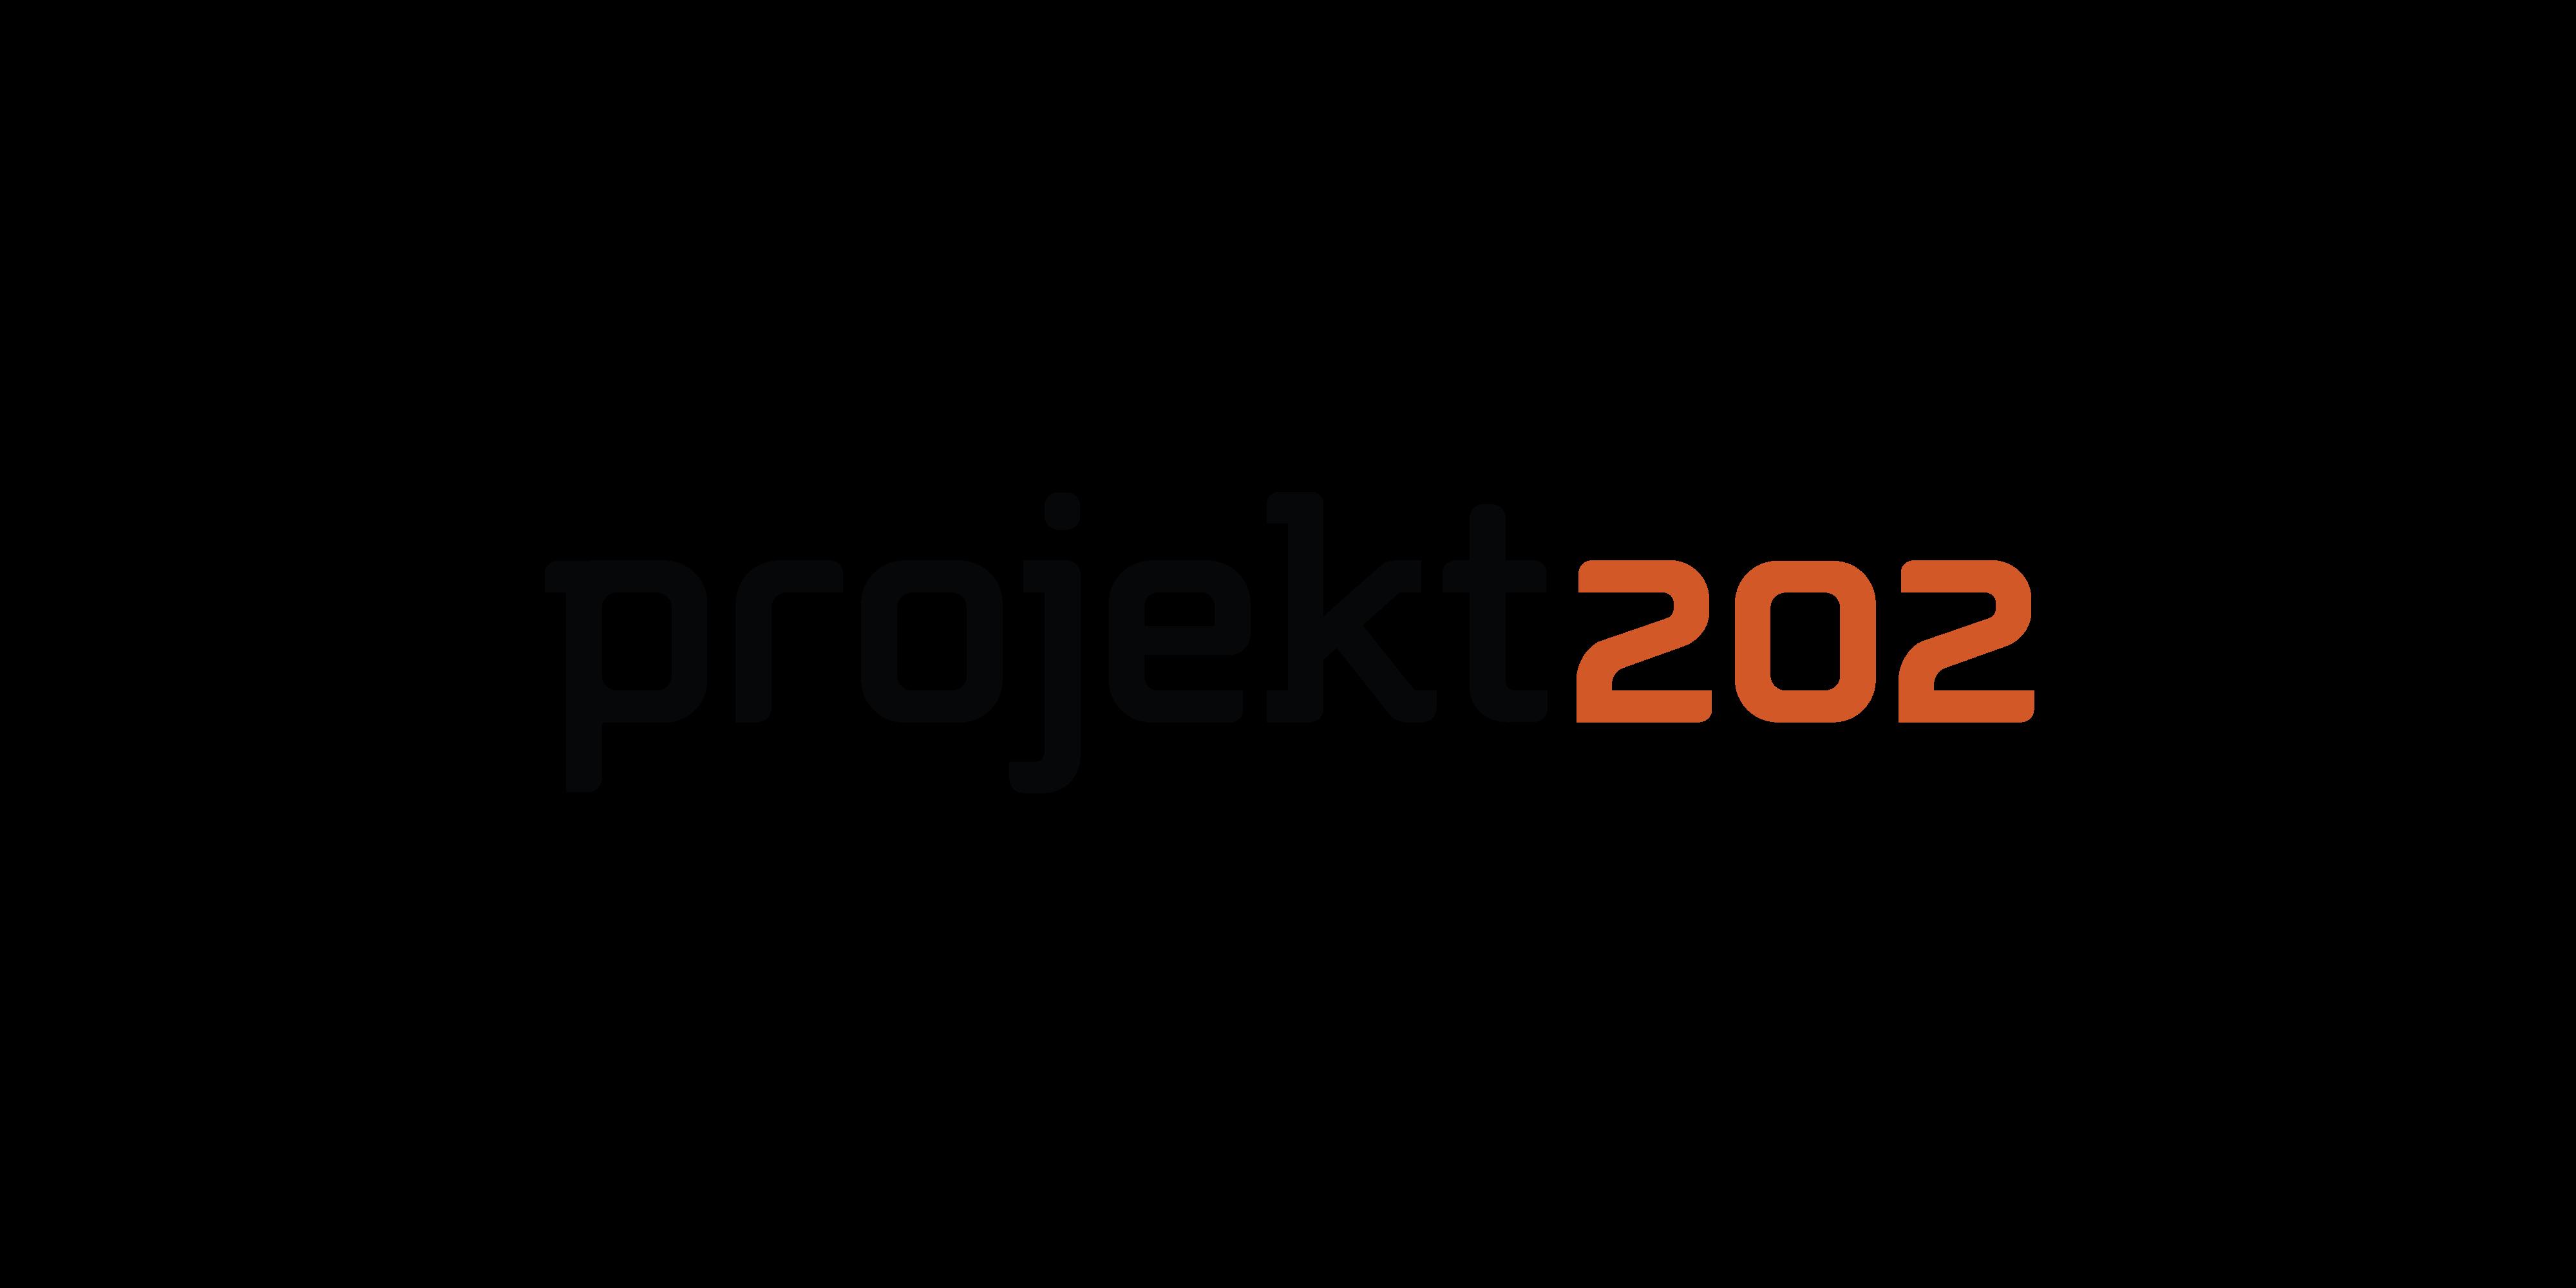 projekt202 Logo